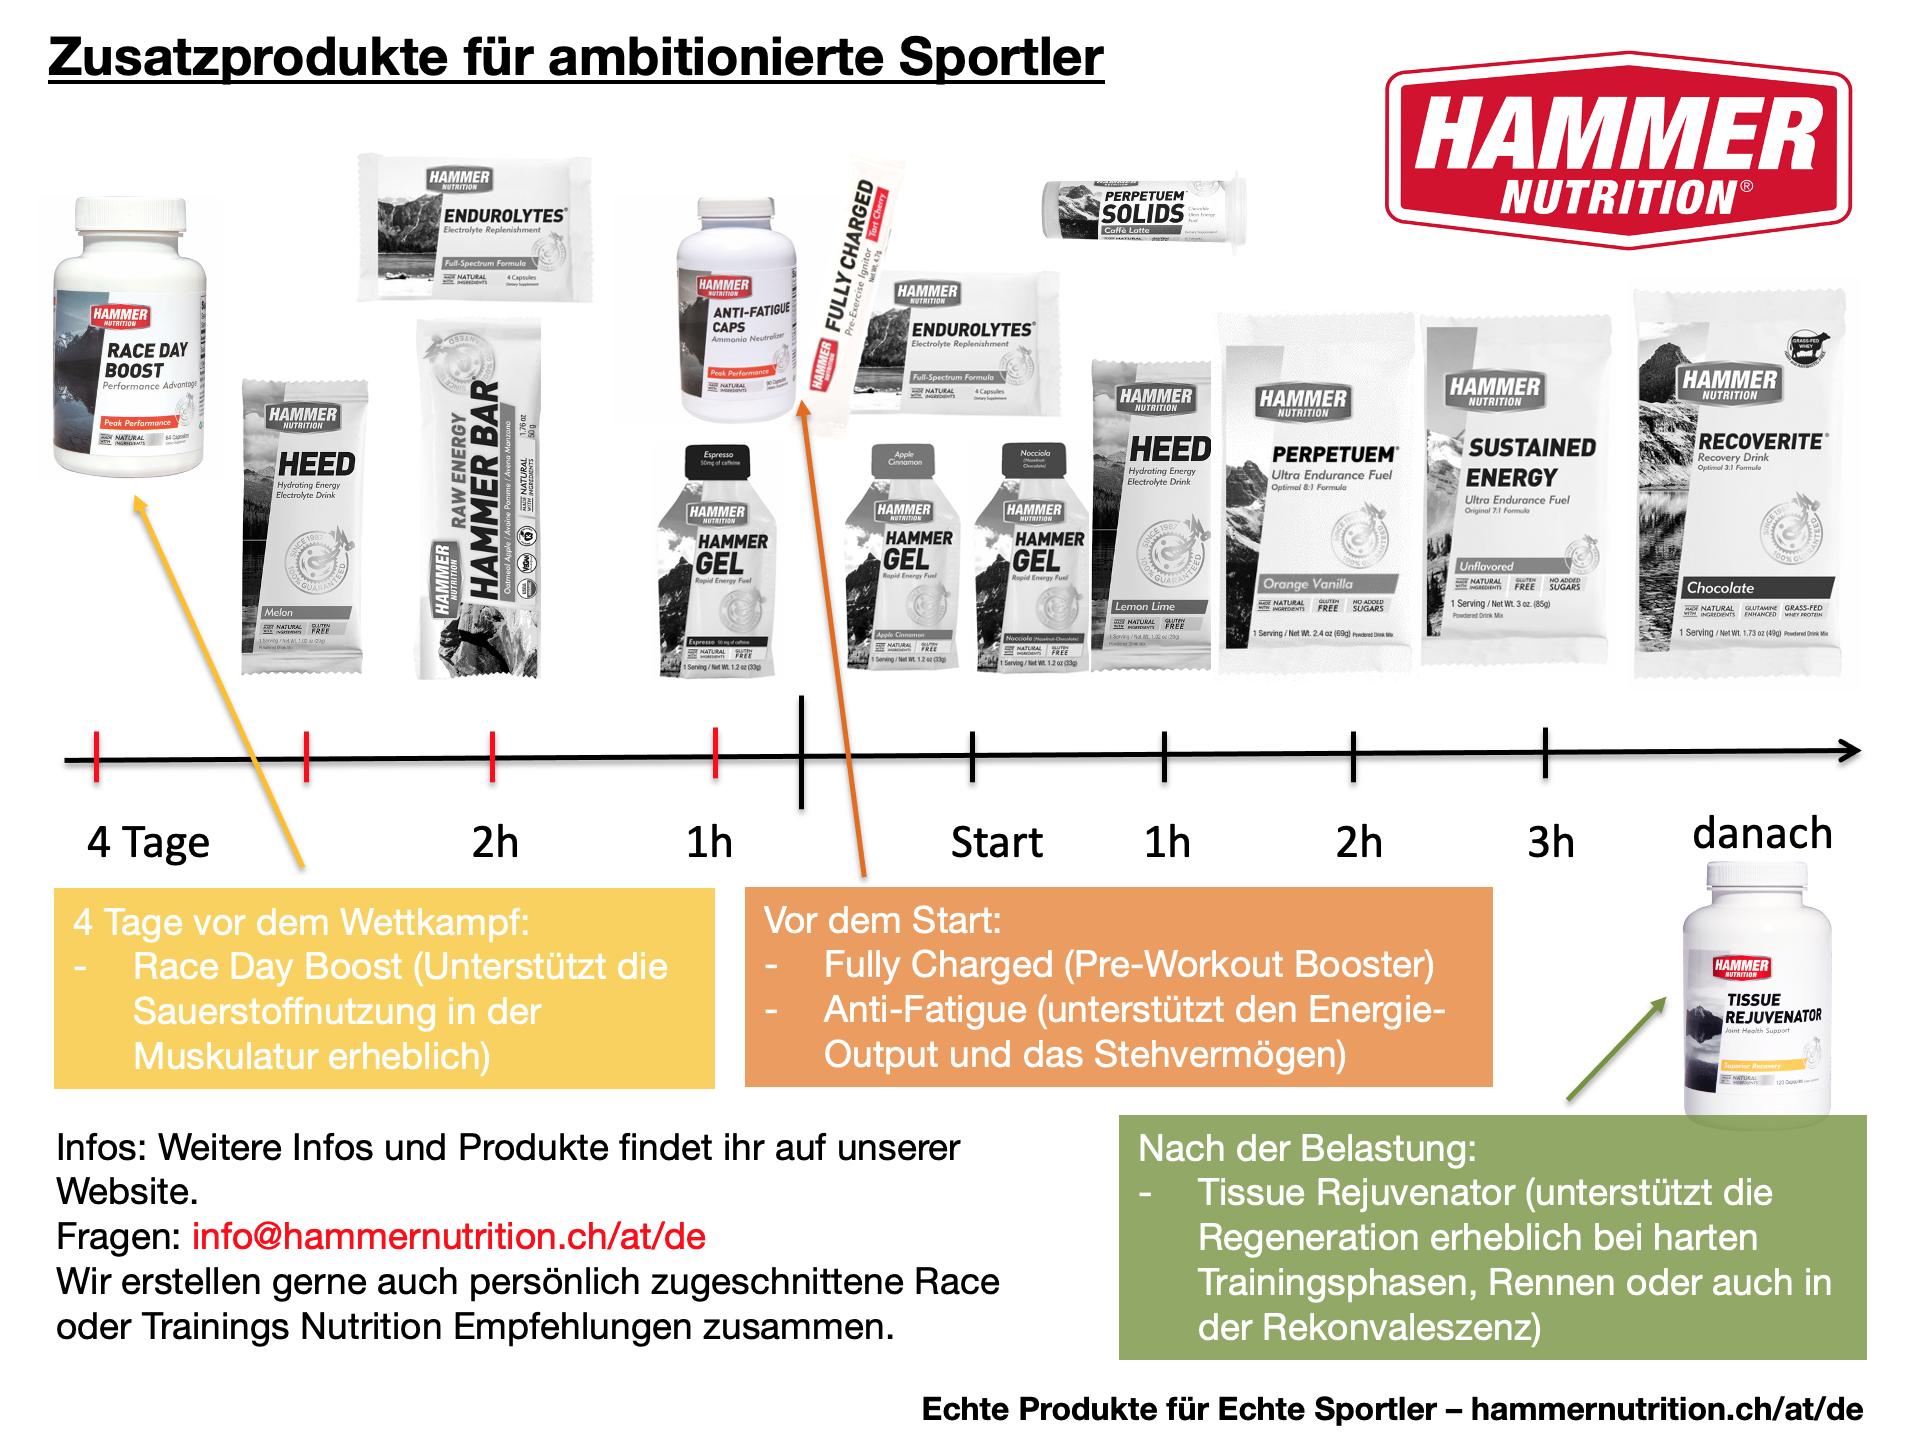 Zusatzprodukte für ambitionierte Sportler